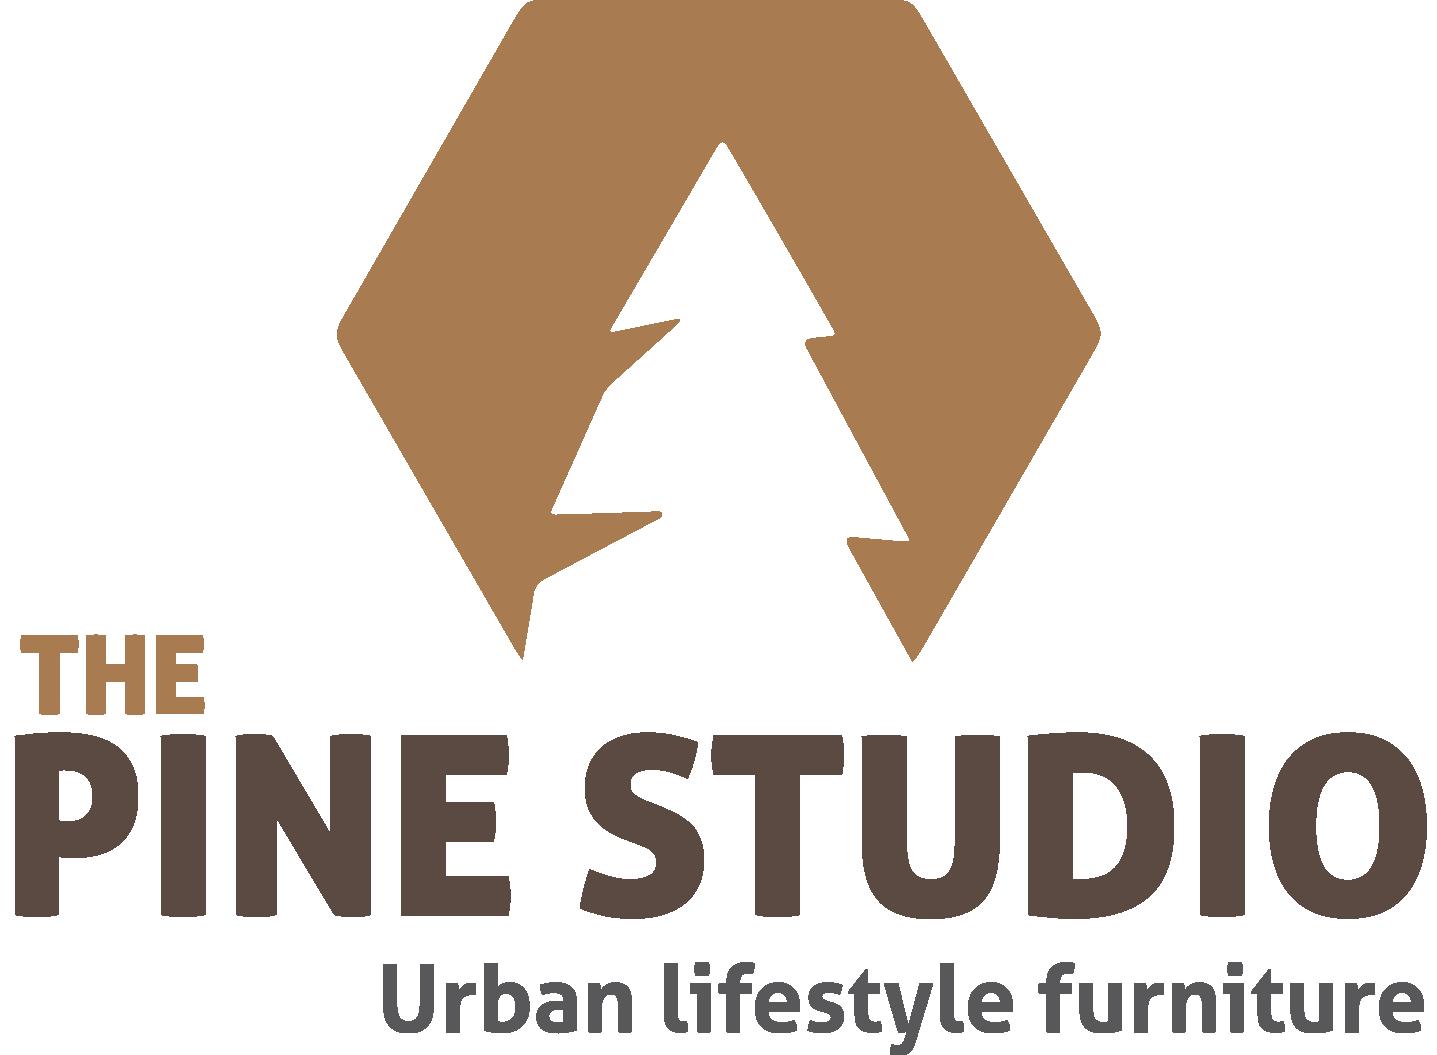 The Pine Studio